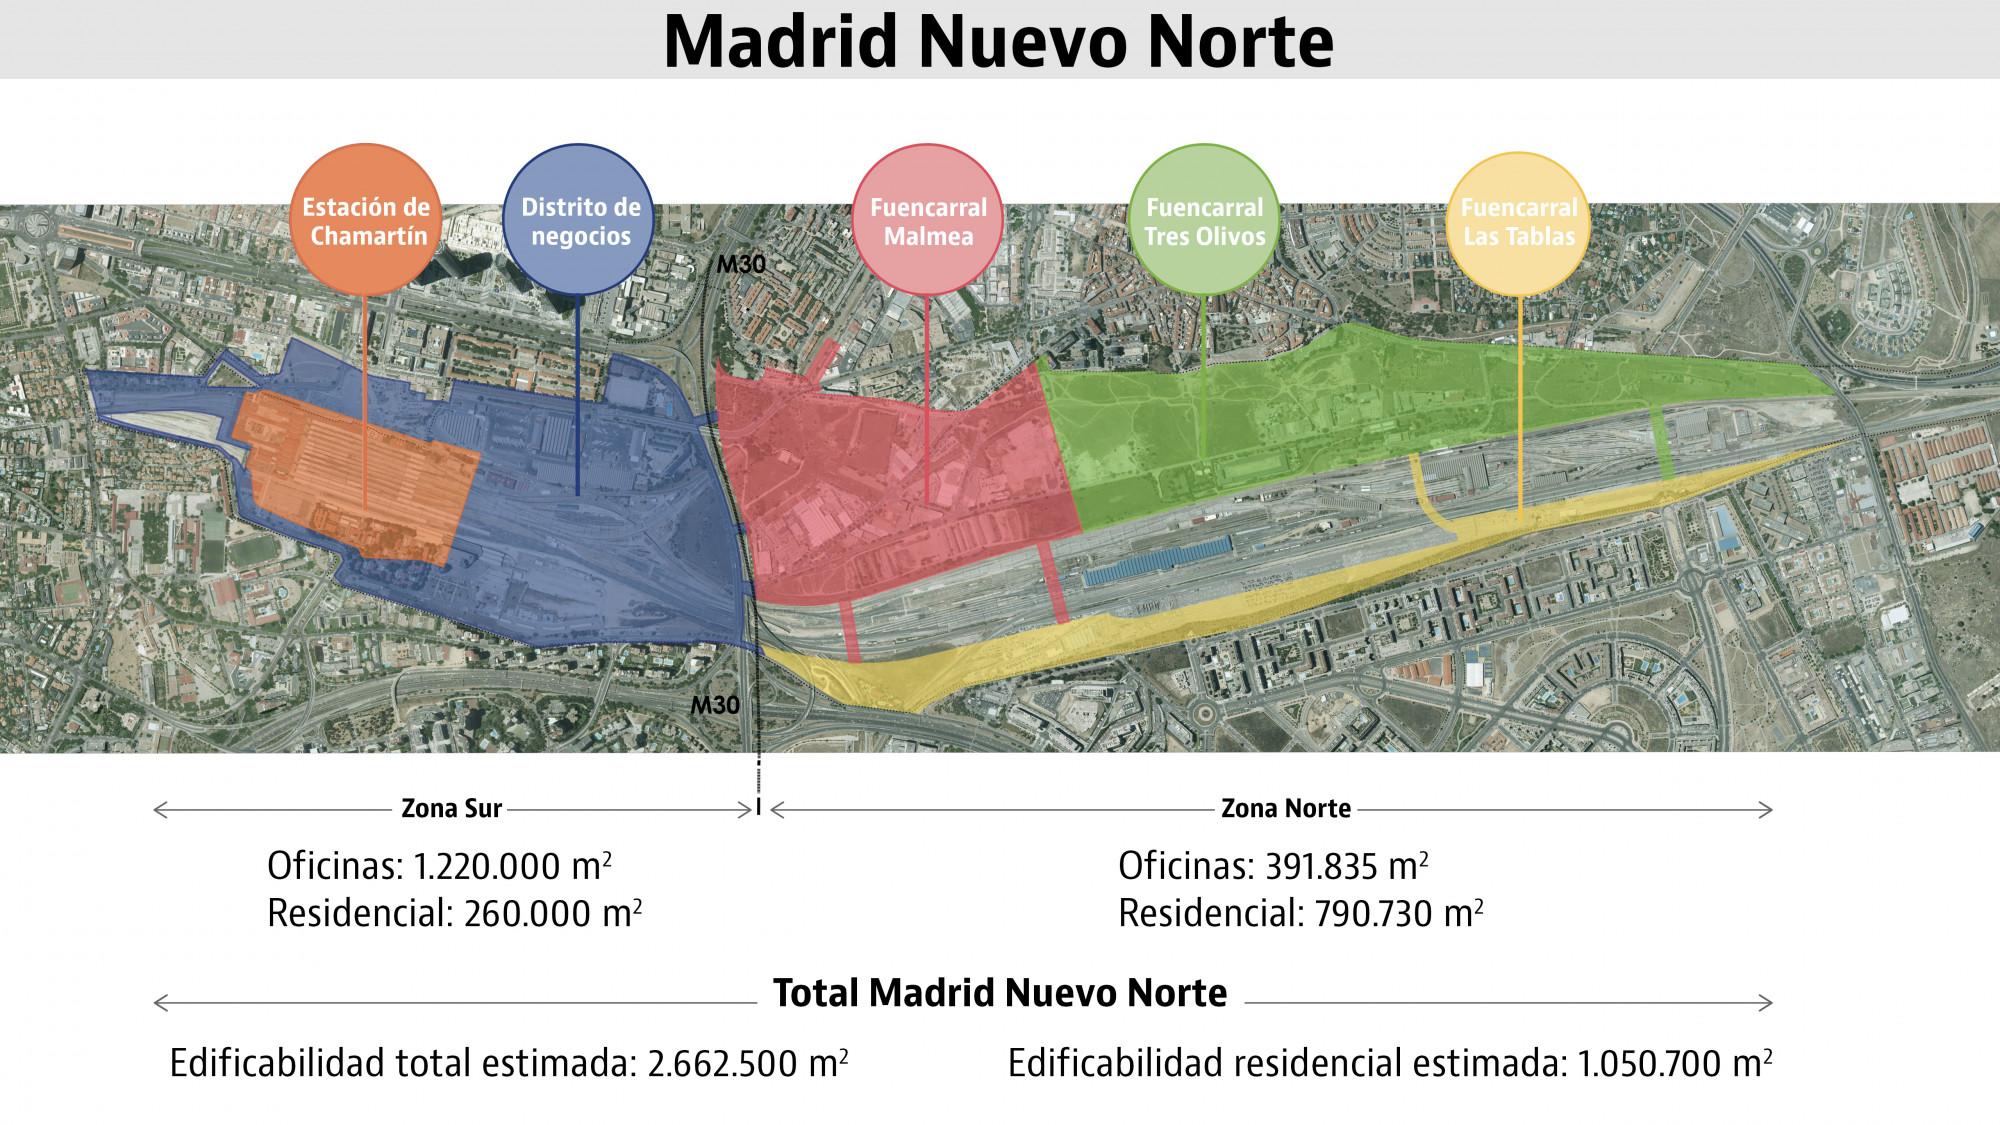 Plano por zonas / Ministerio de Fomento